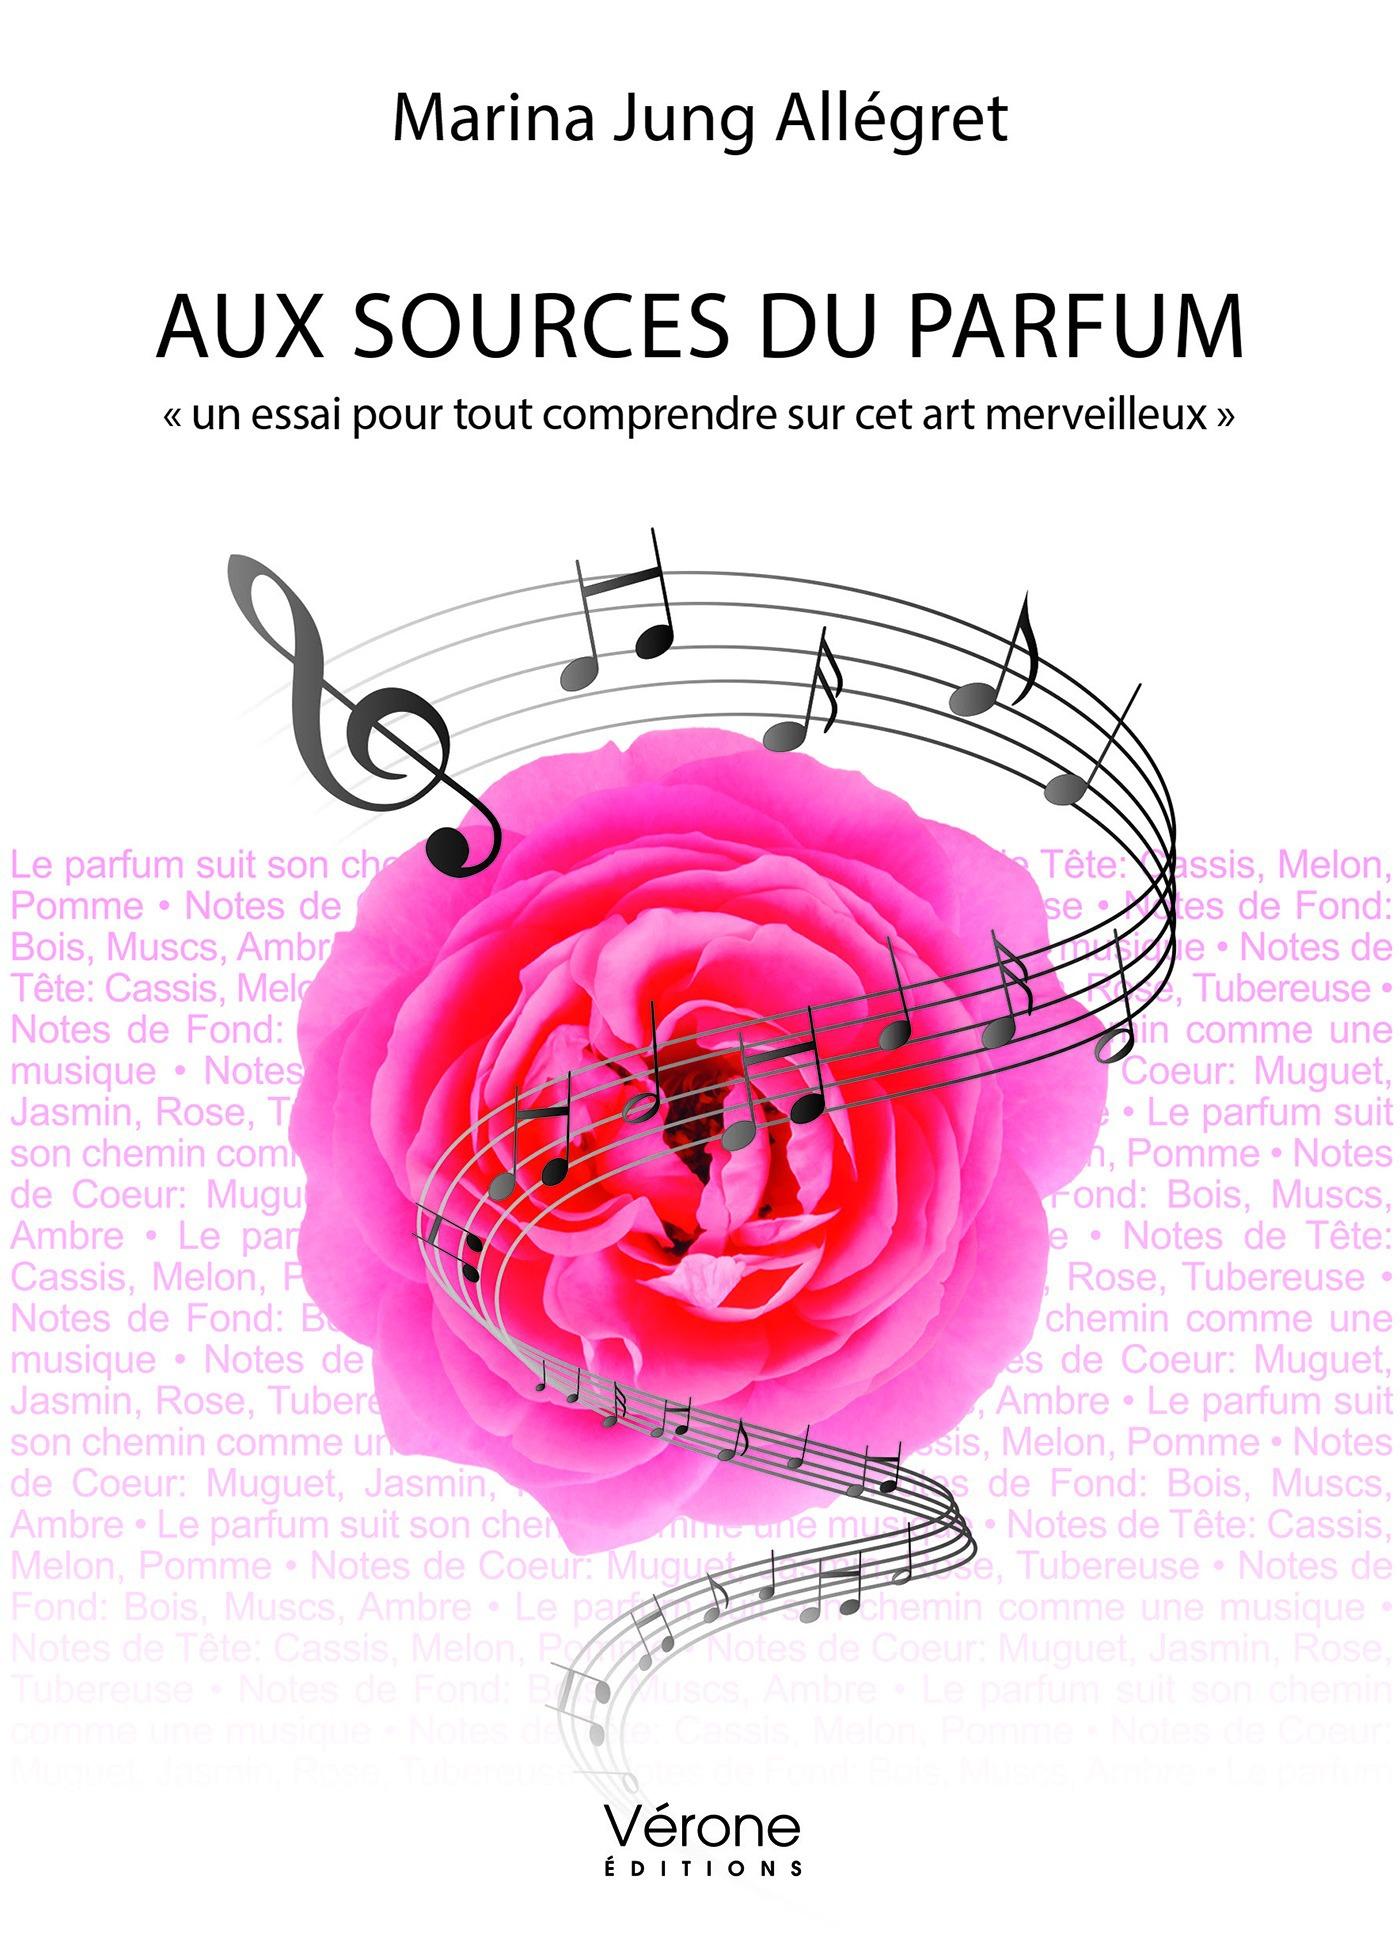 Marina Jung Allegret Aux sources du parfum